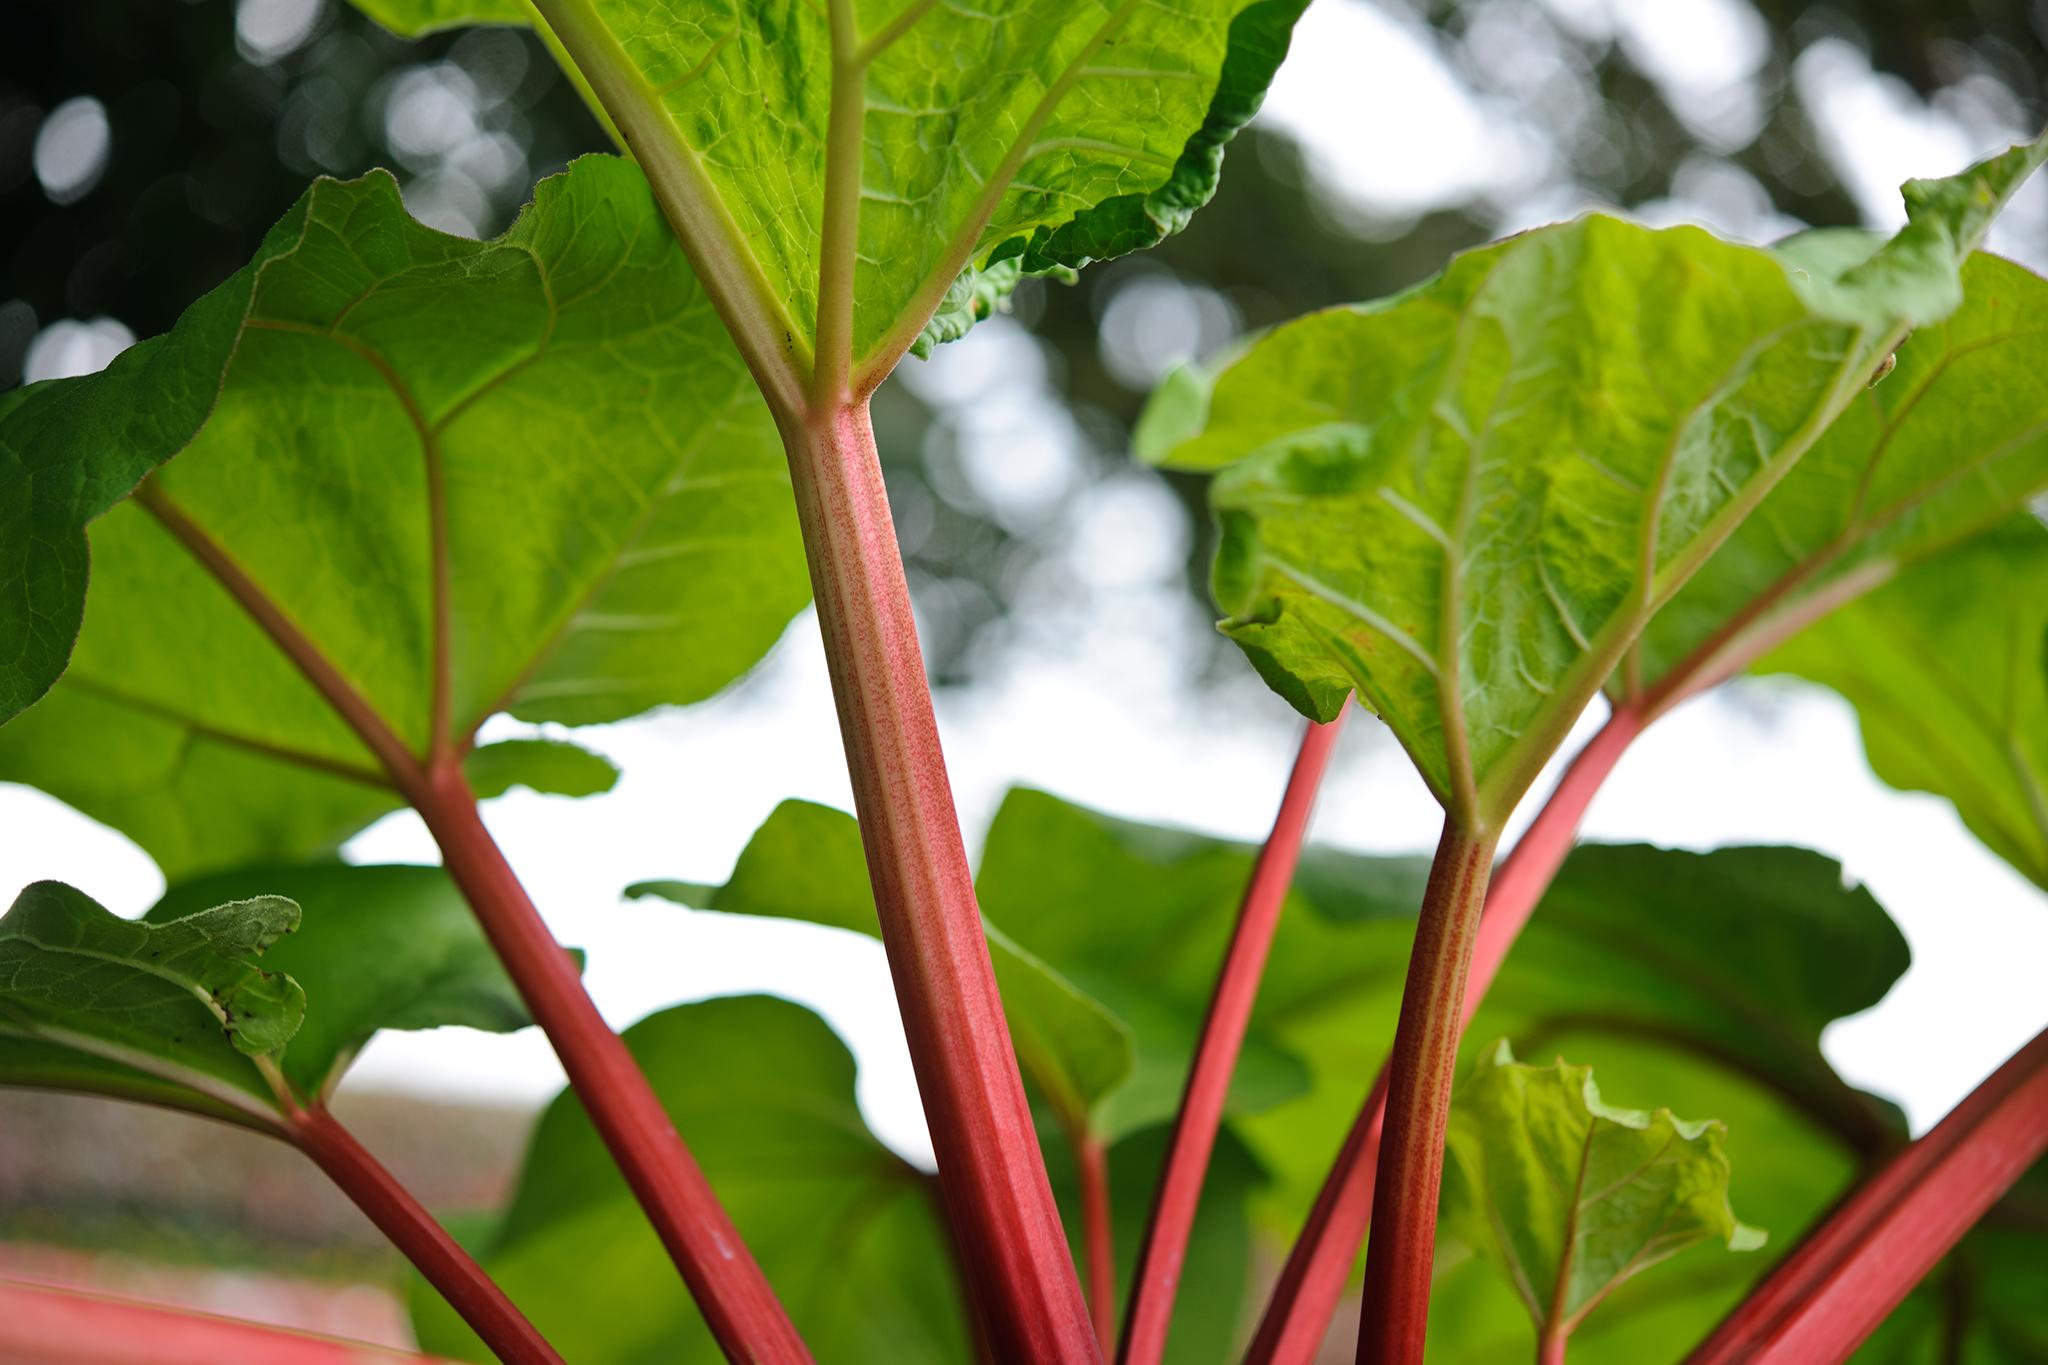 rhubarb-foliage-2